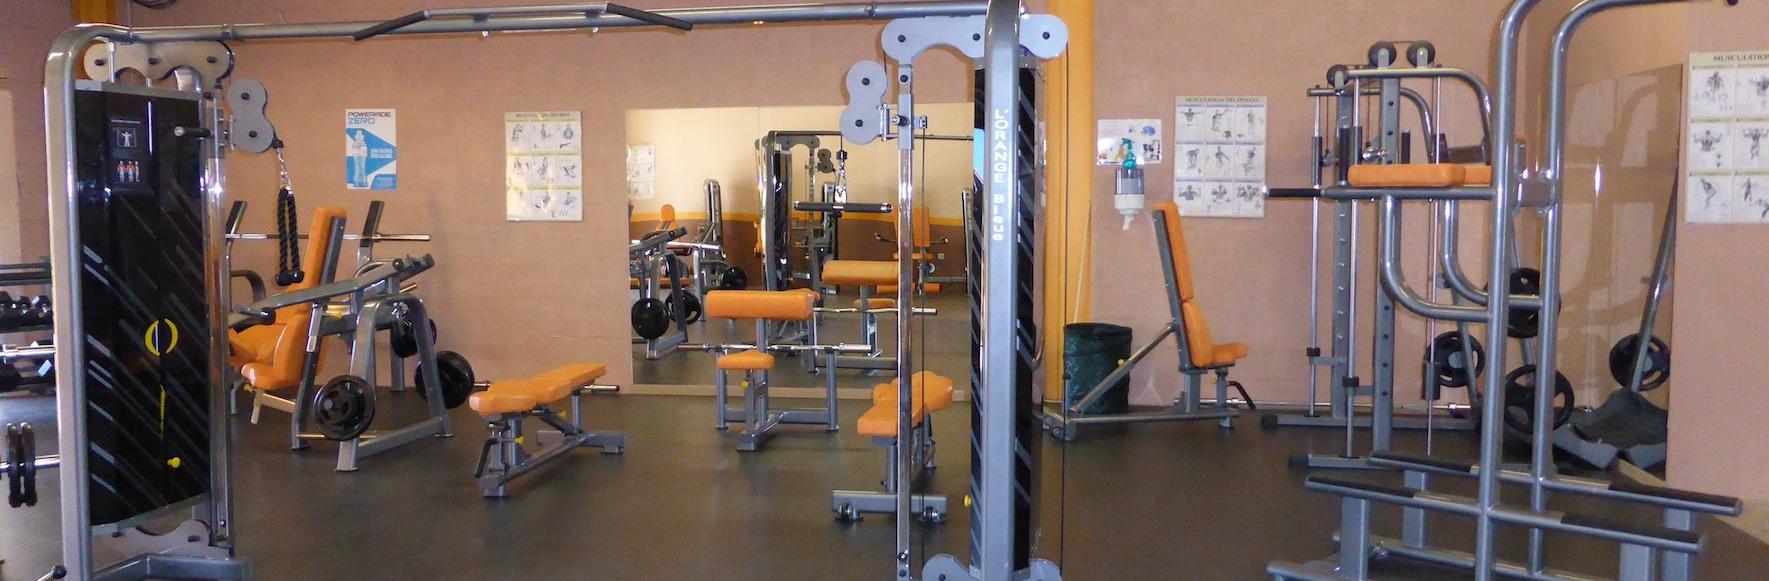 bienvenue sur fitness. Black Bedroom Furniture Sets. Home Design Ideas